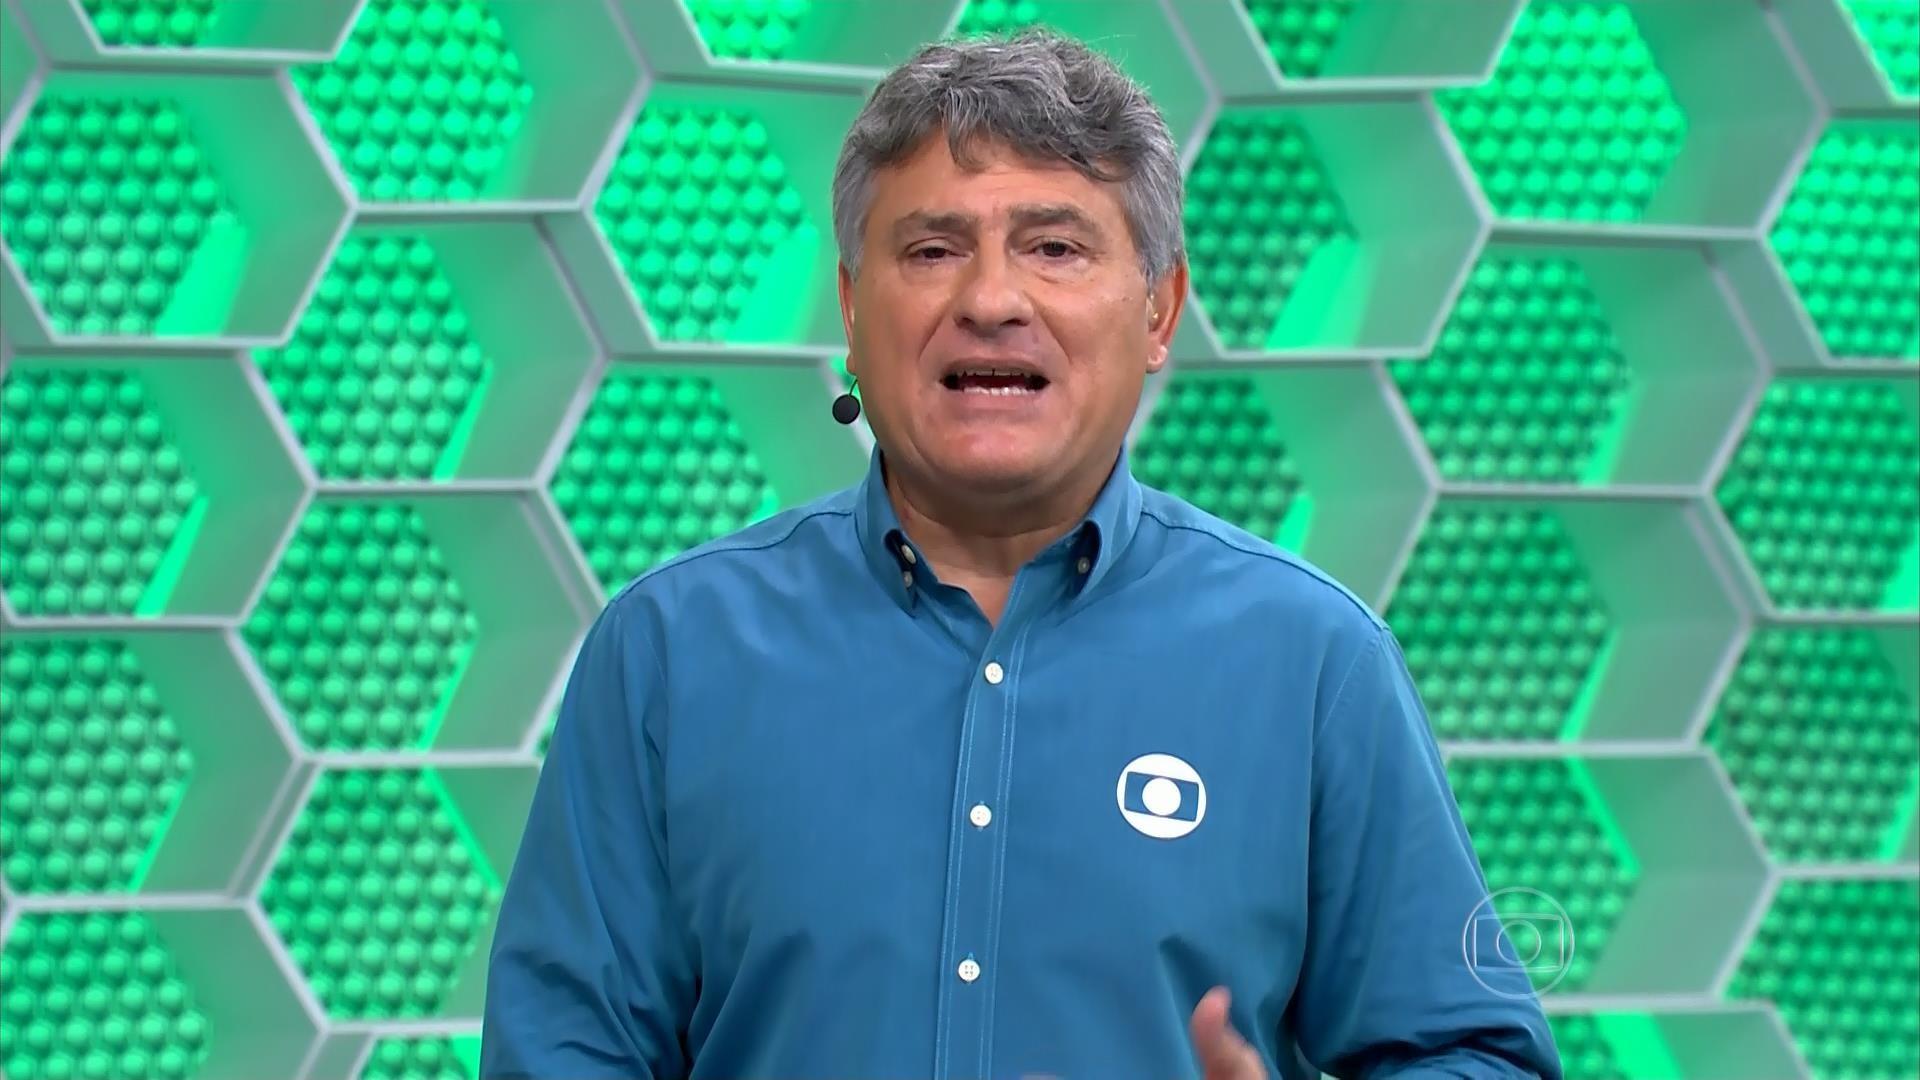 Torcedores do Palmeiras tentaram agredir equipe da Globo. Foto: Reprodução/Globo